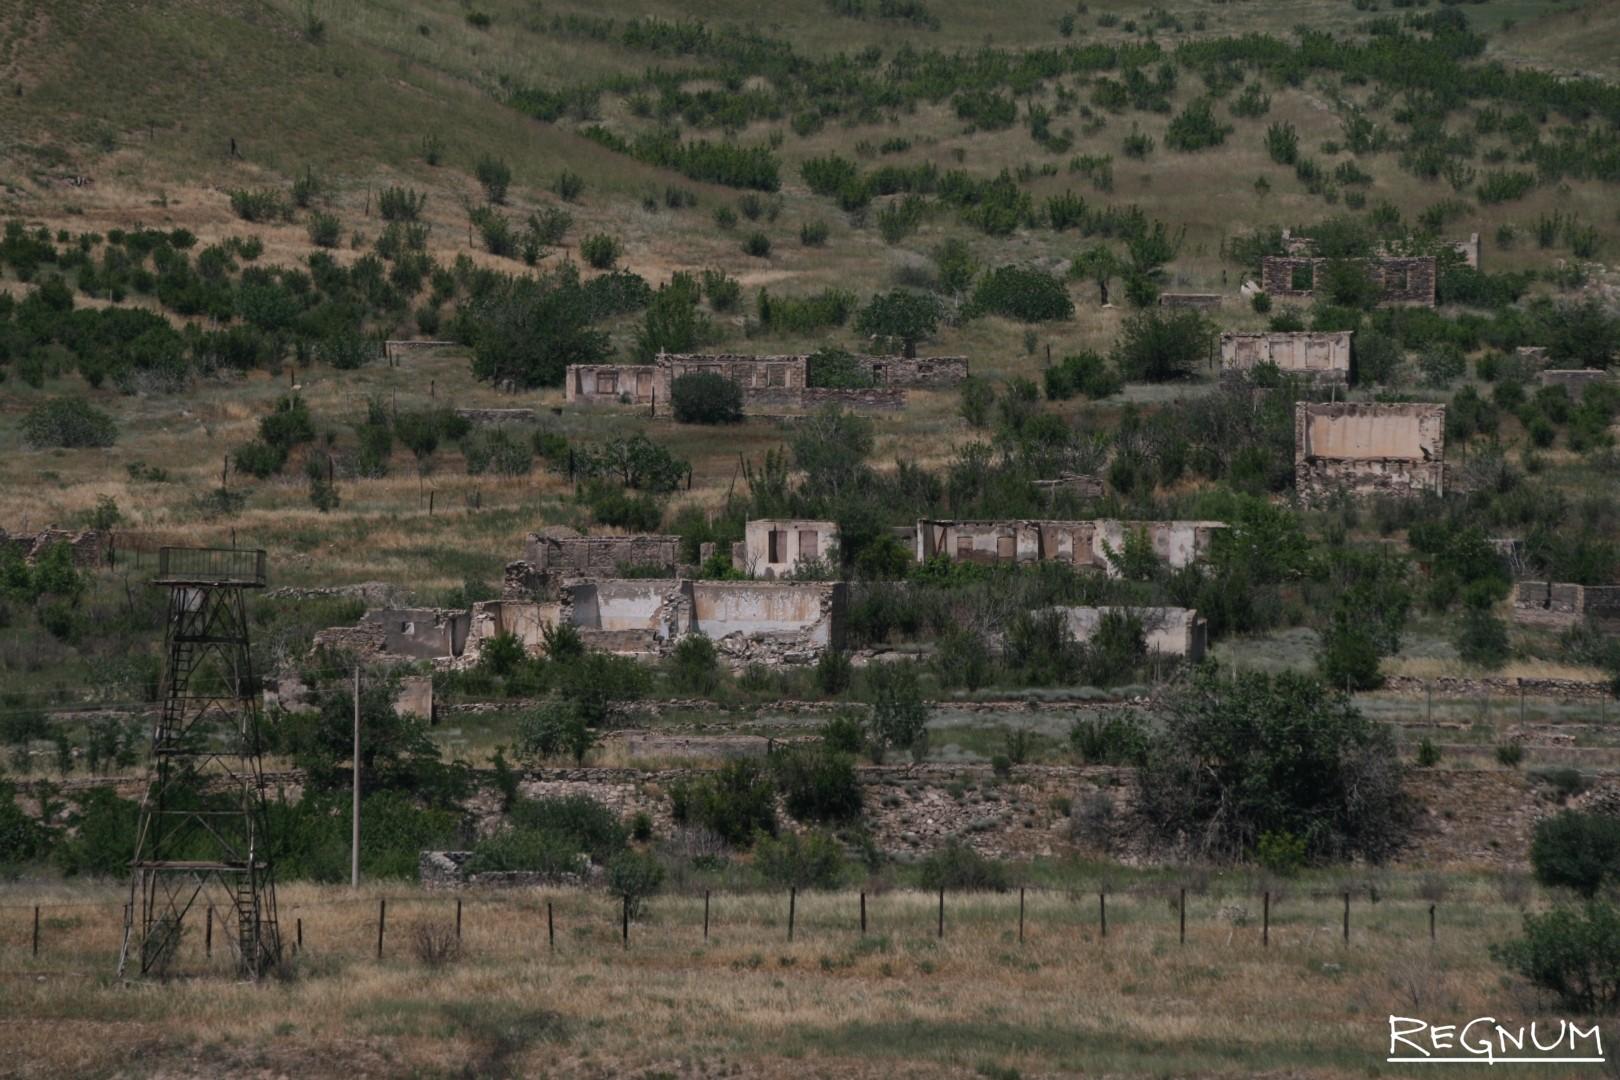 Граница непризнанной Нагорно-Карабахской республики с Ираном. После распада СССР и войны с Азербайджаном во многих местах она выглядит именно так